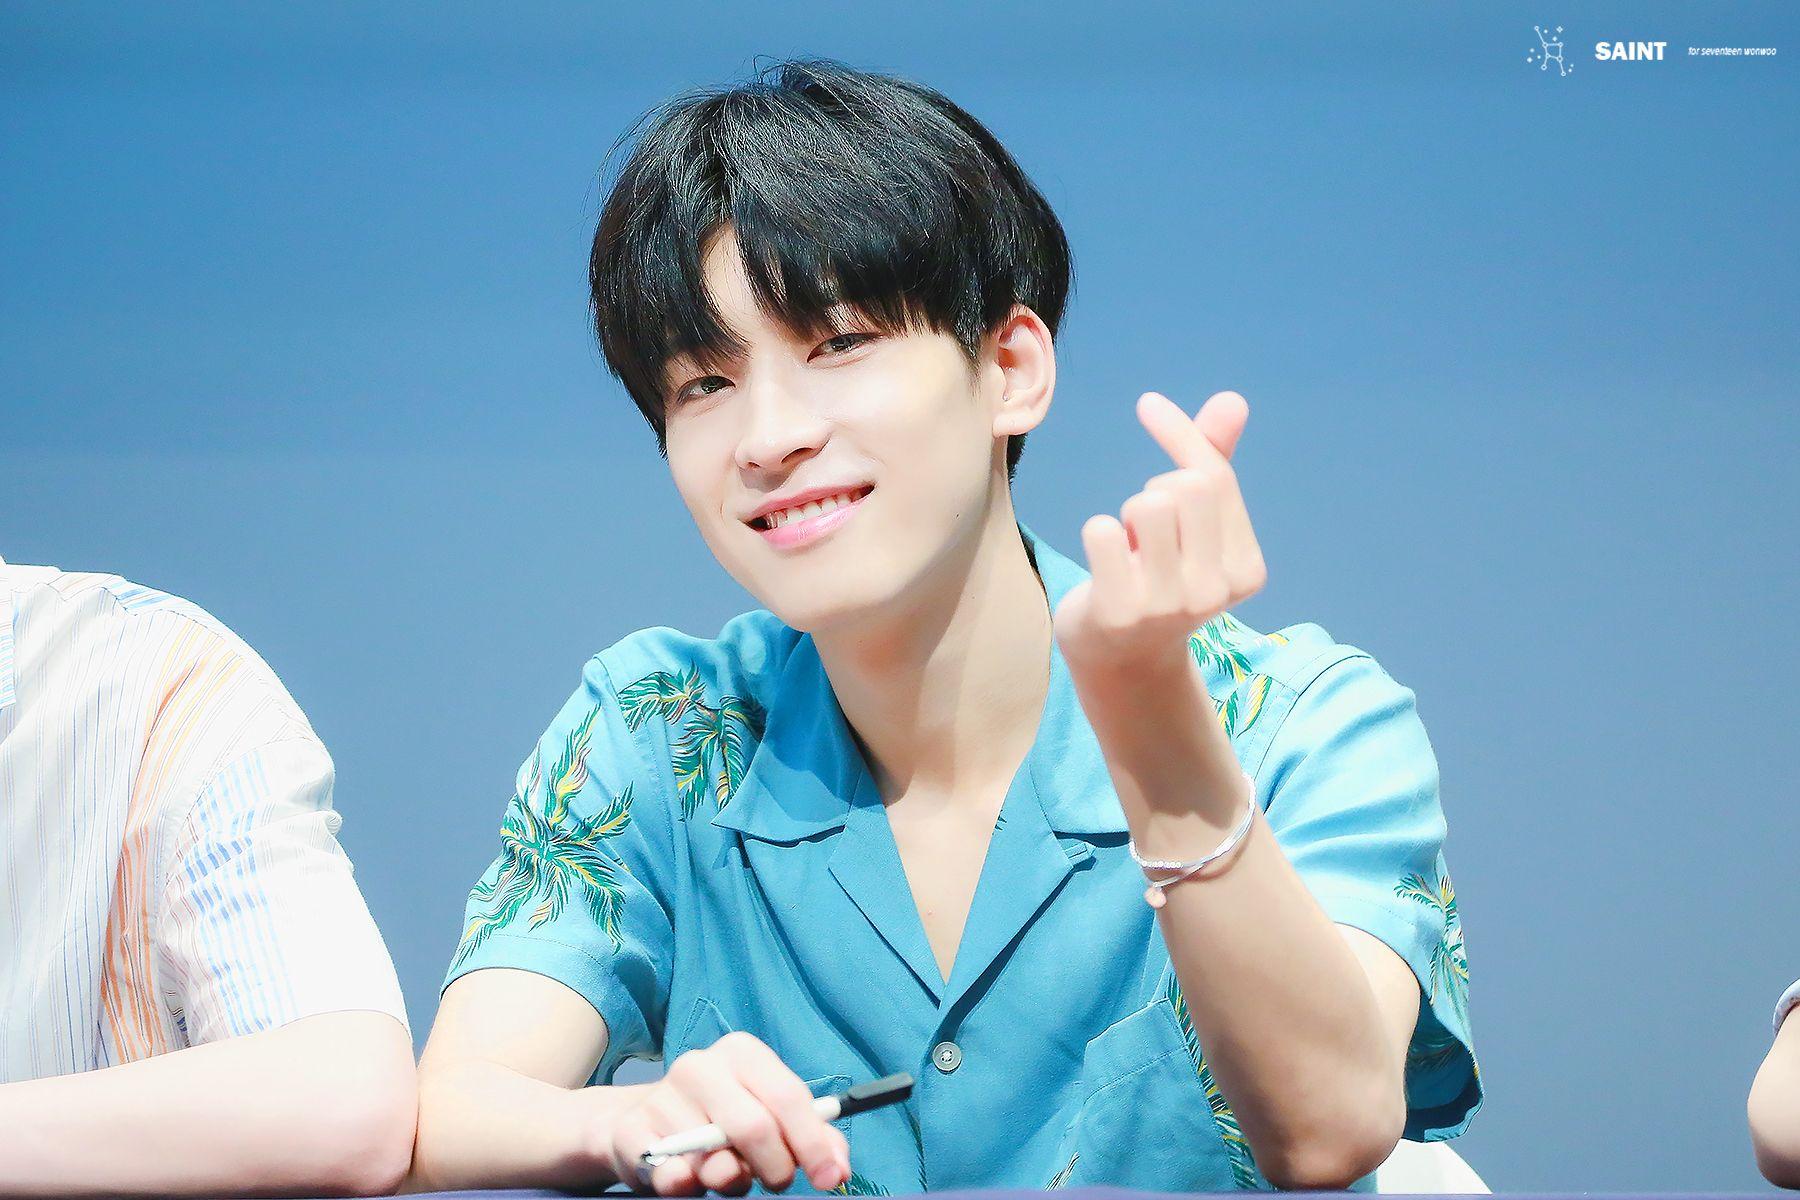 seventeen wonwoo heart